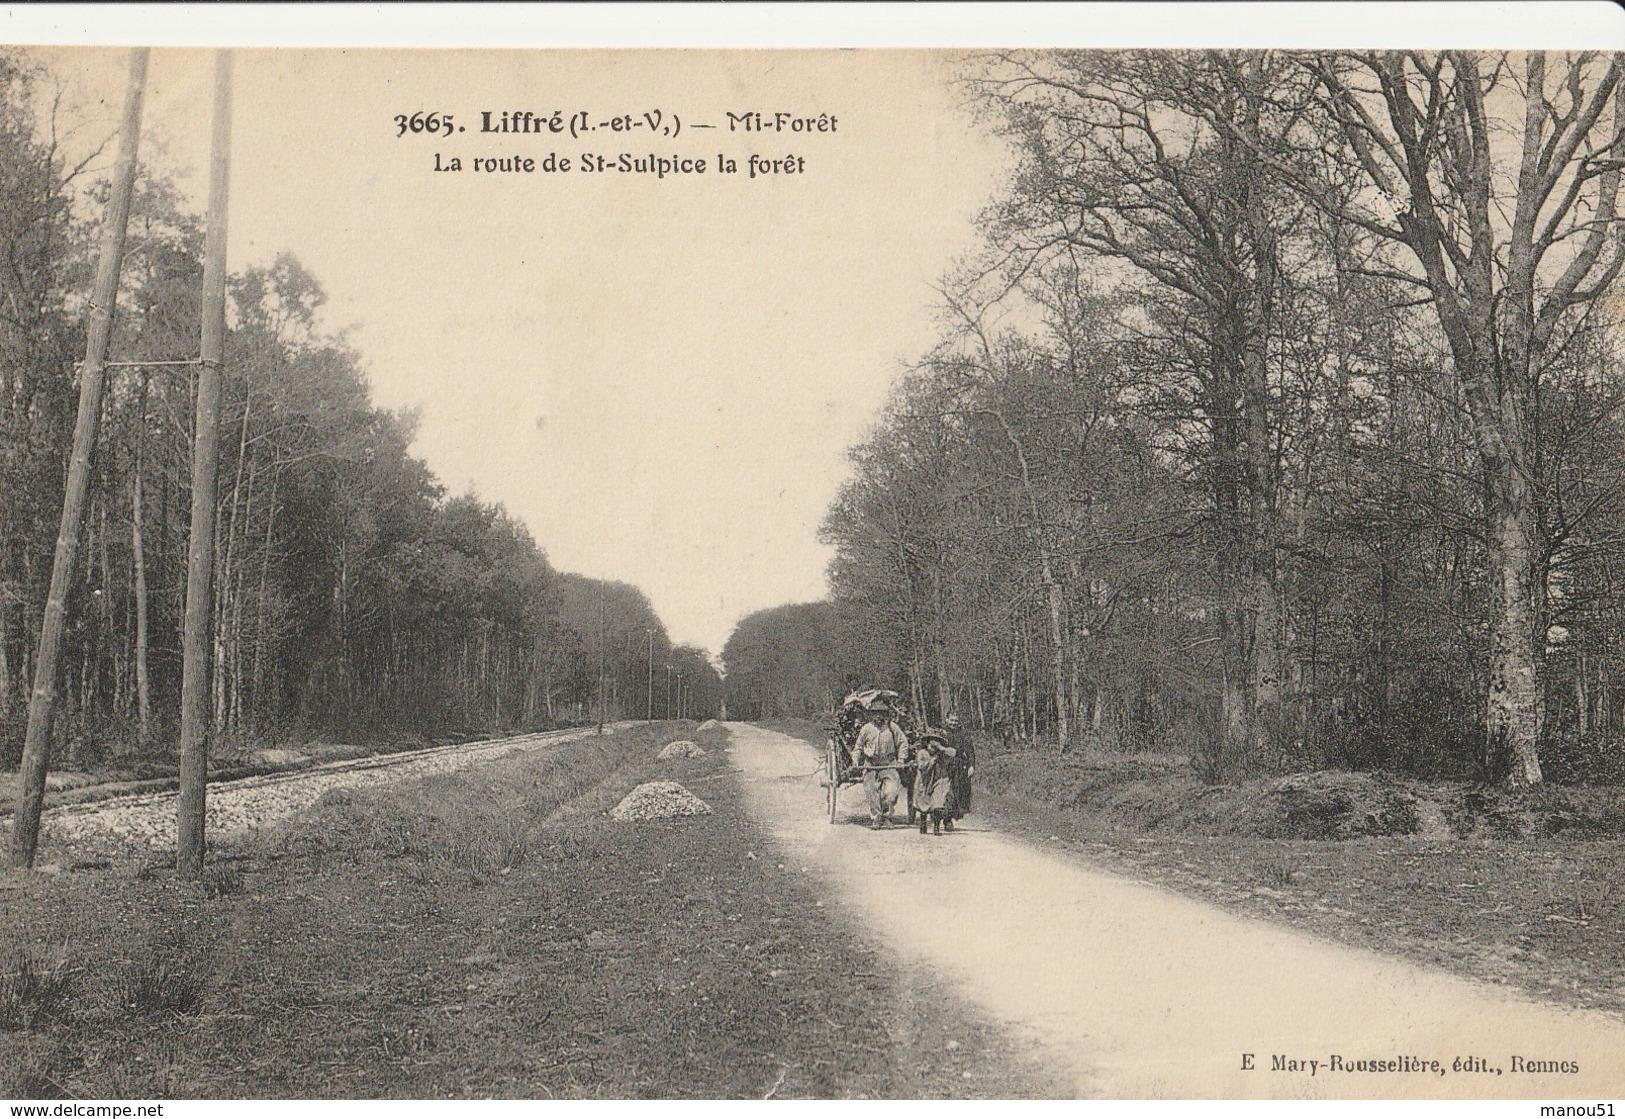 LIFFRE  Mi-forêt, La Route De St Sulpice La Forêt - Other Municipalities